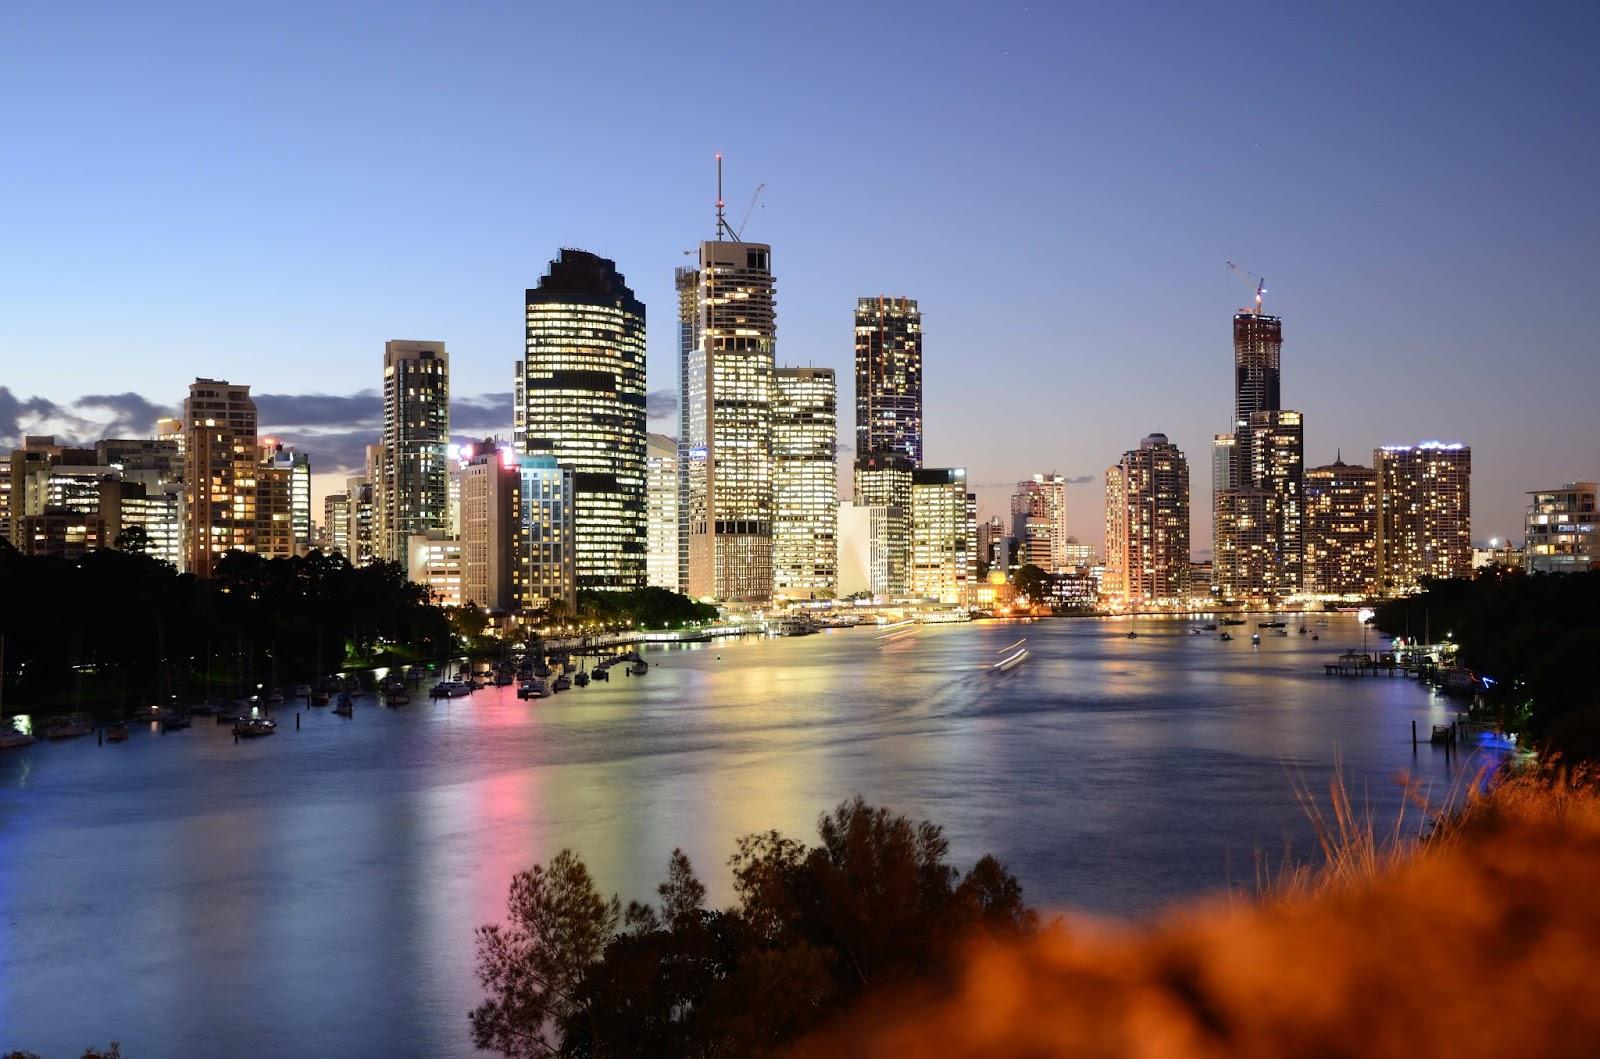 #Brisbane, Cidade da Austrália